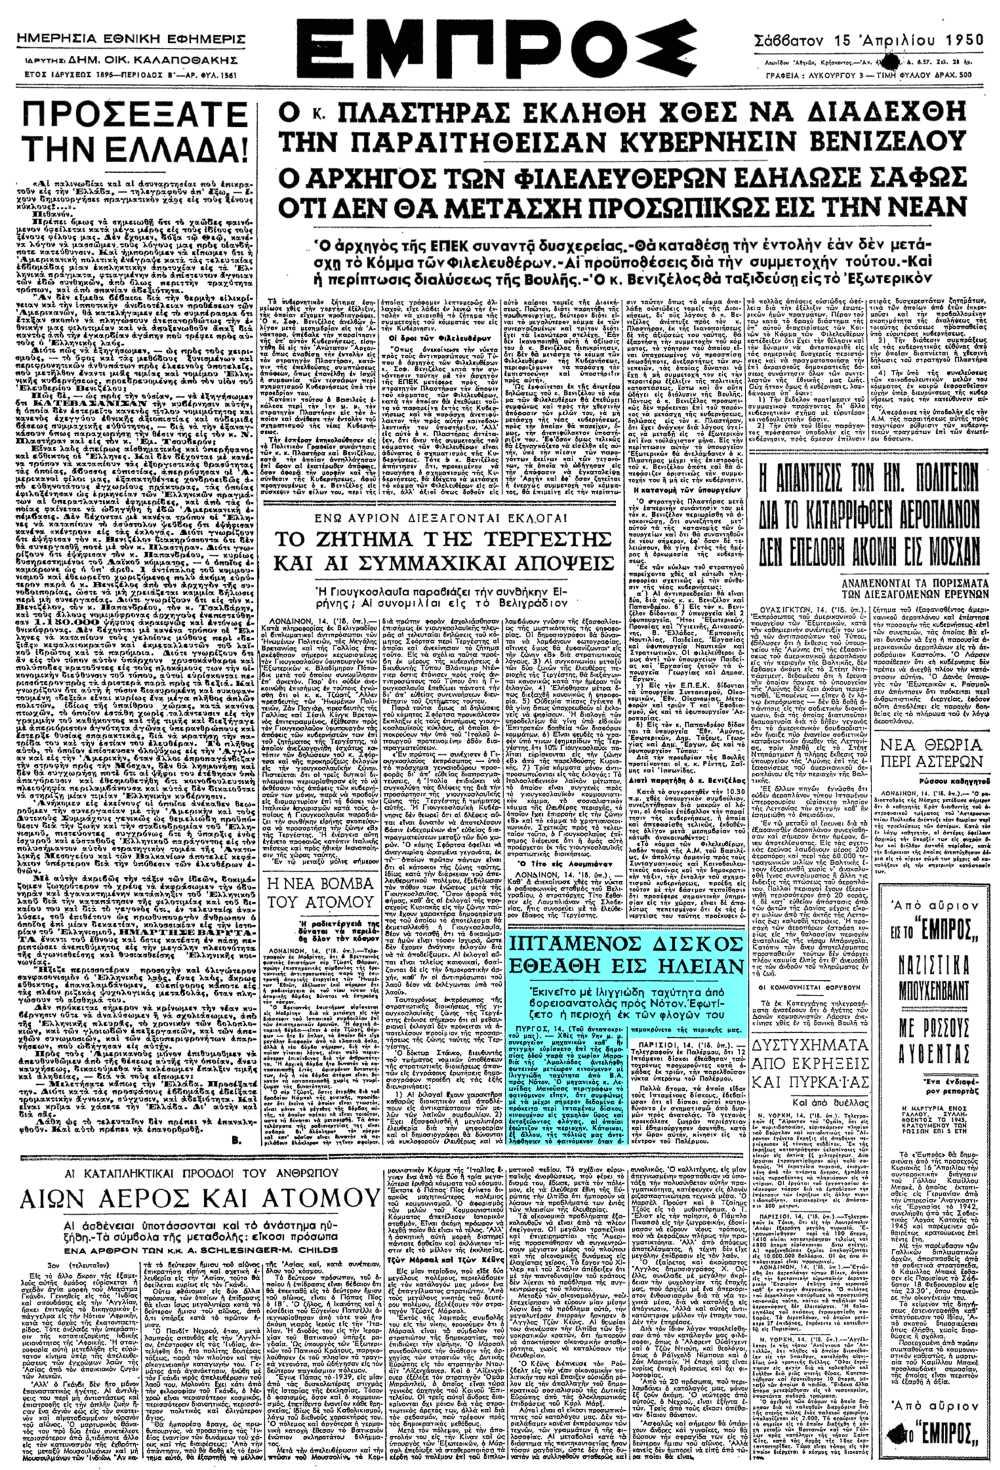 """Το άρθρο, όπως δημοσιεύθηκε στην εφημερίδα """"ΕΜΠΡΟΣ"""", στις 15/04/1950"""